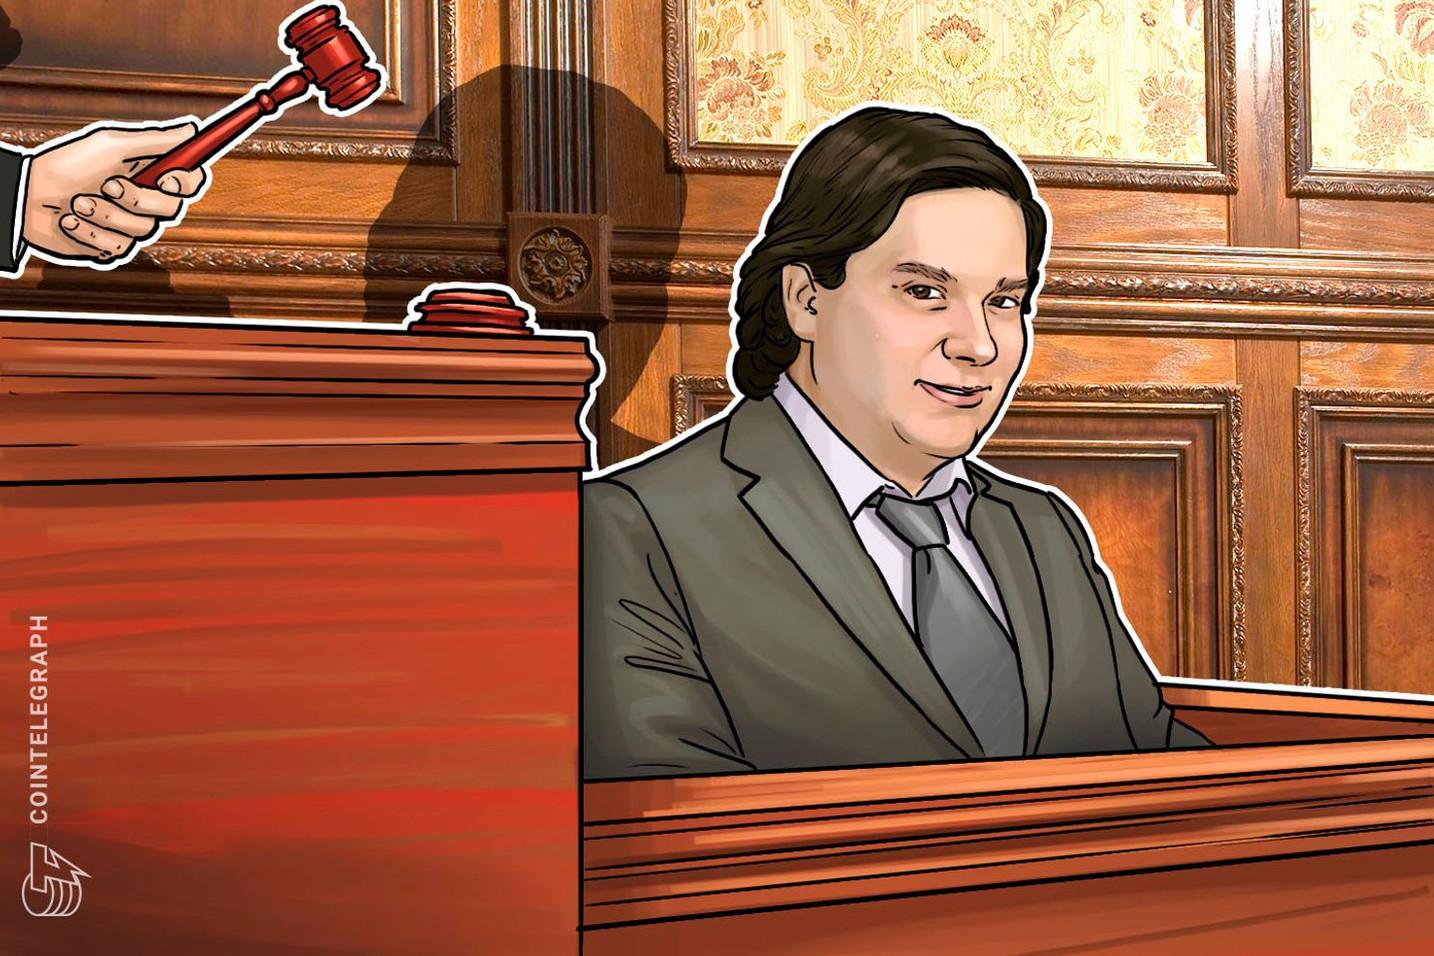 【速報】マウントゴックスの巨額仮想通貨ハッキング事件から5年 カルプレス元社長に執行猶予付きの判決